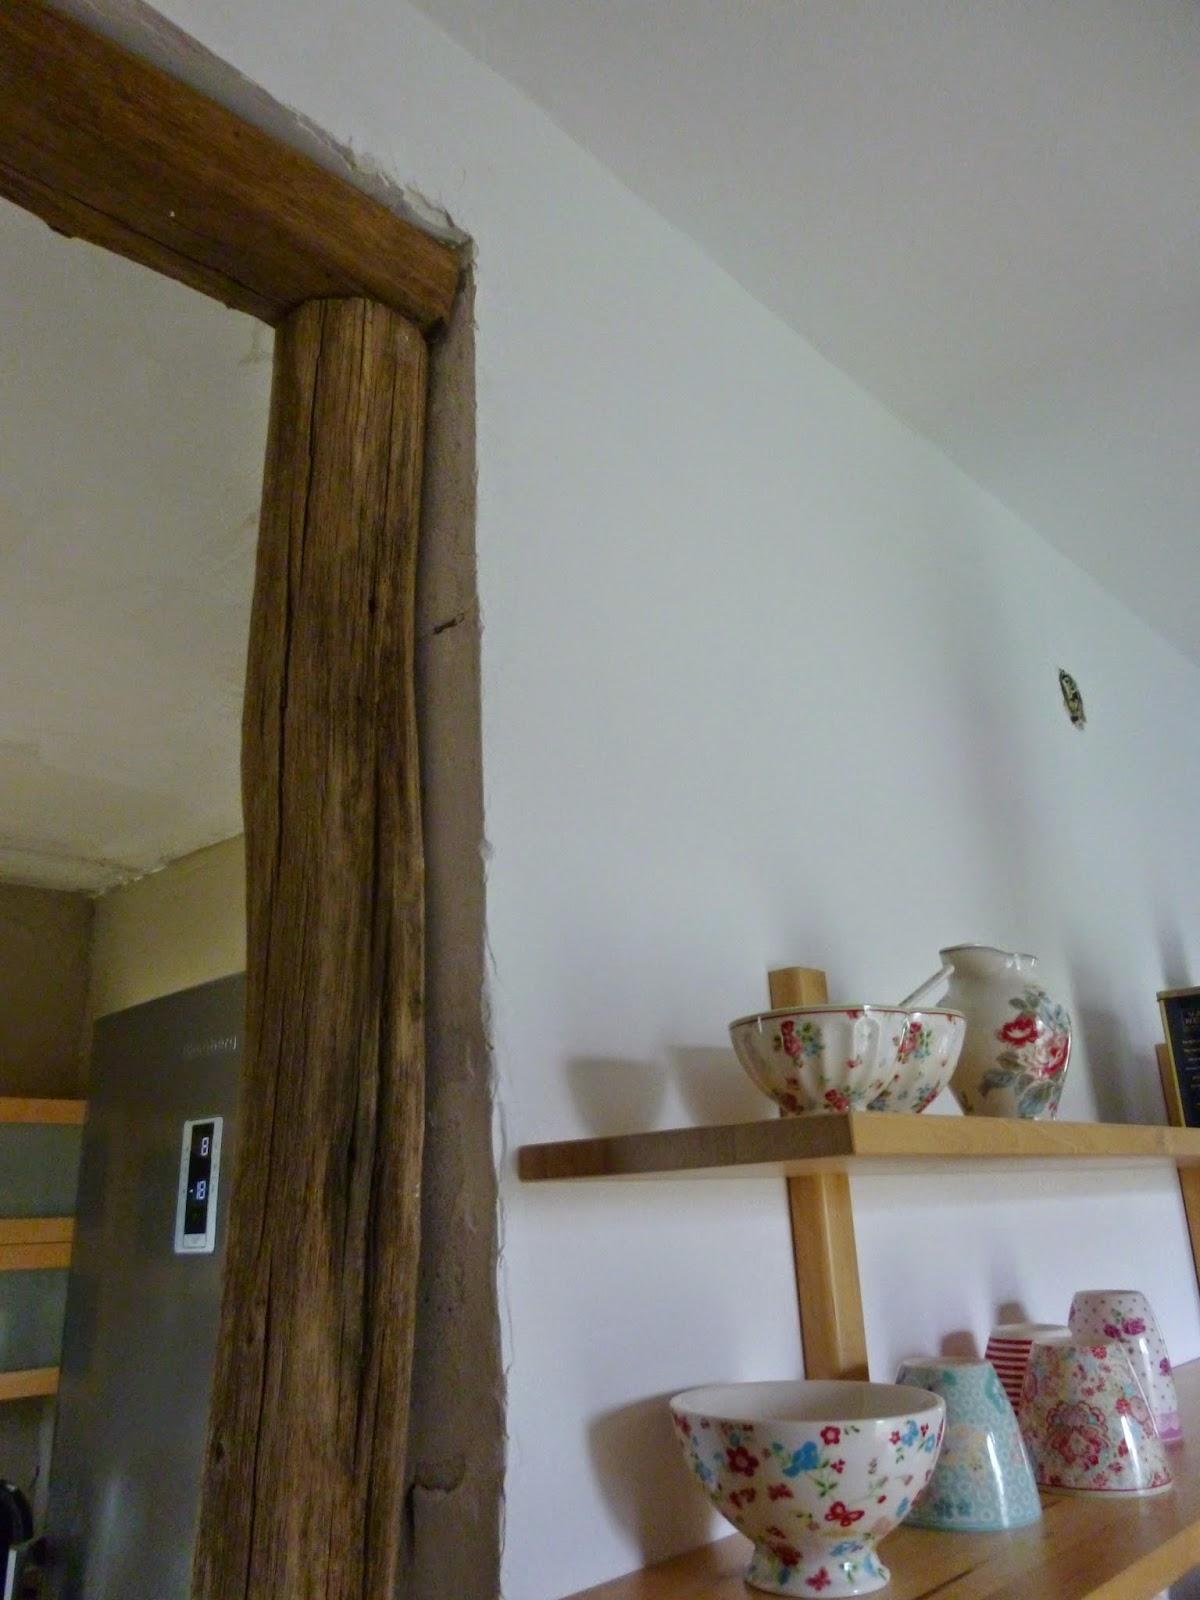 Morgen Geht Es Hier Im Haus Weiter Und Wenn Wir Es Schaffen, Wird Ende  Nächster Woche Der Holzboden Verlegt. Wir Haben Alte Eichenbalken Bekommen,  ...